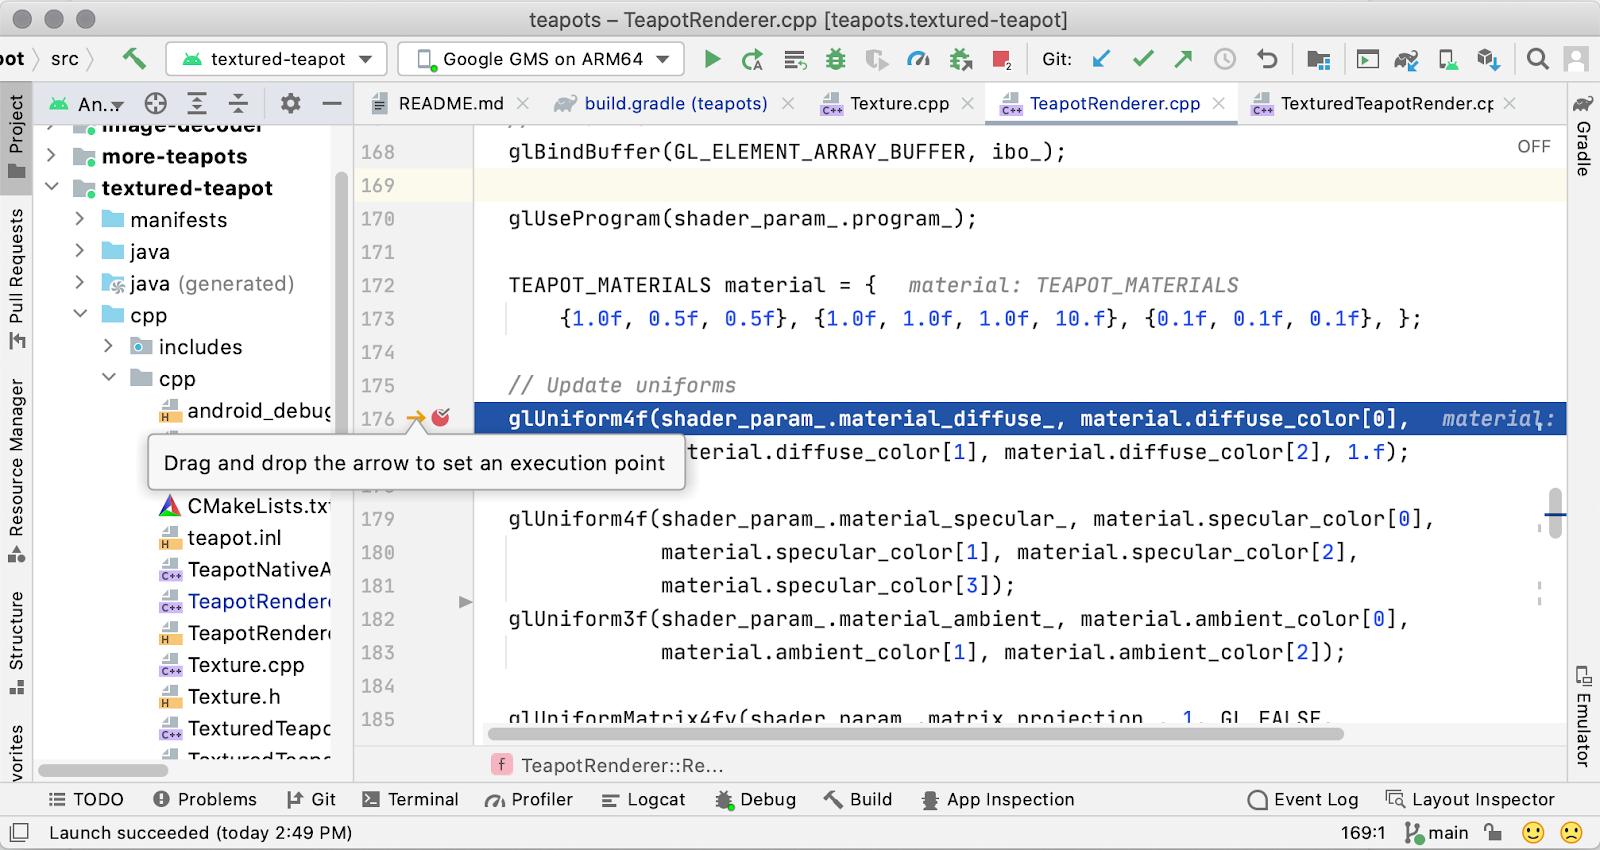 在 C/C++ 代码编辑器中设置执行点